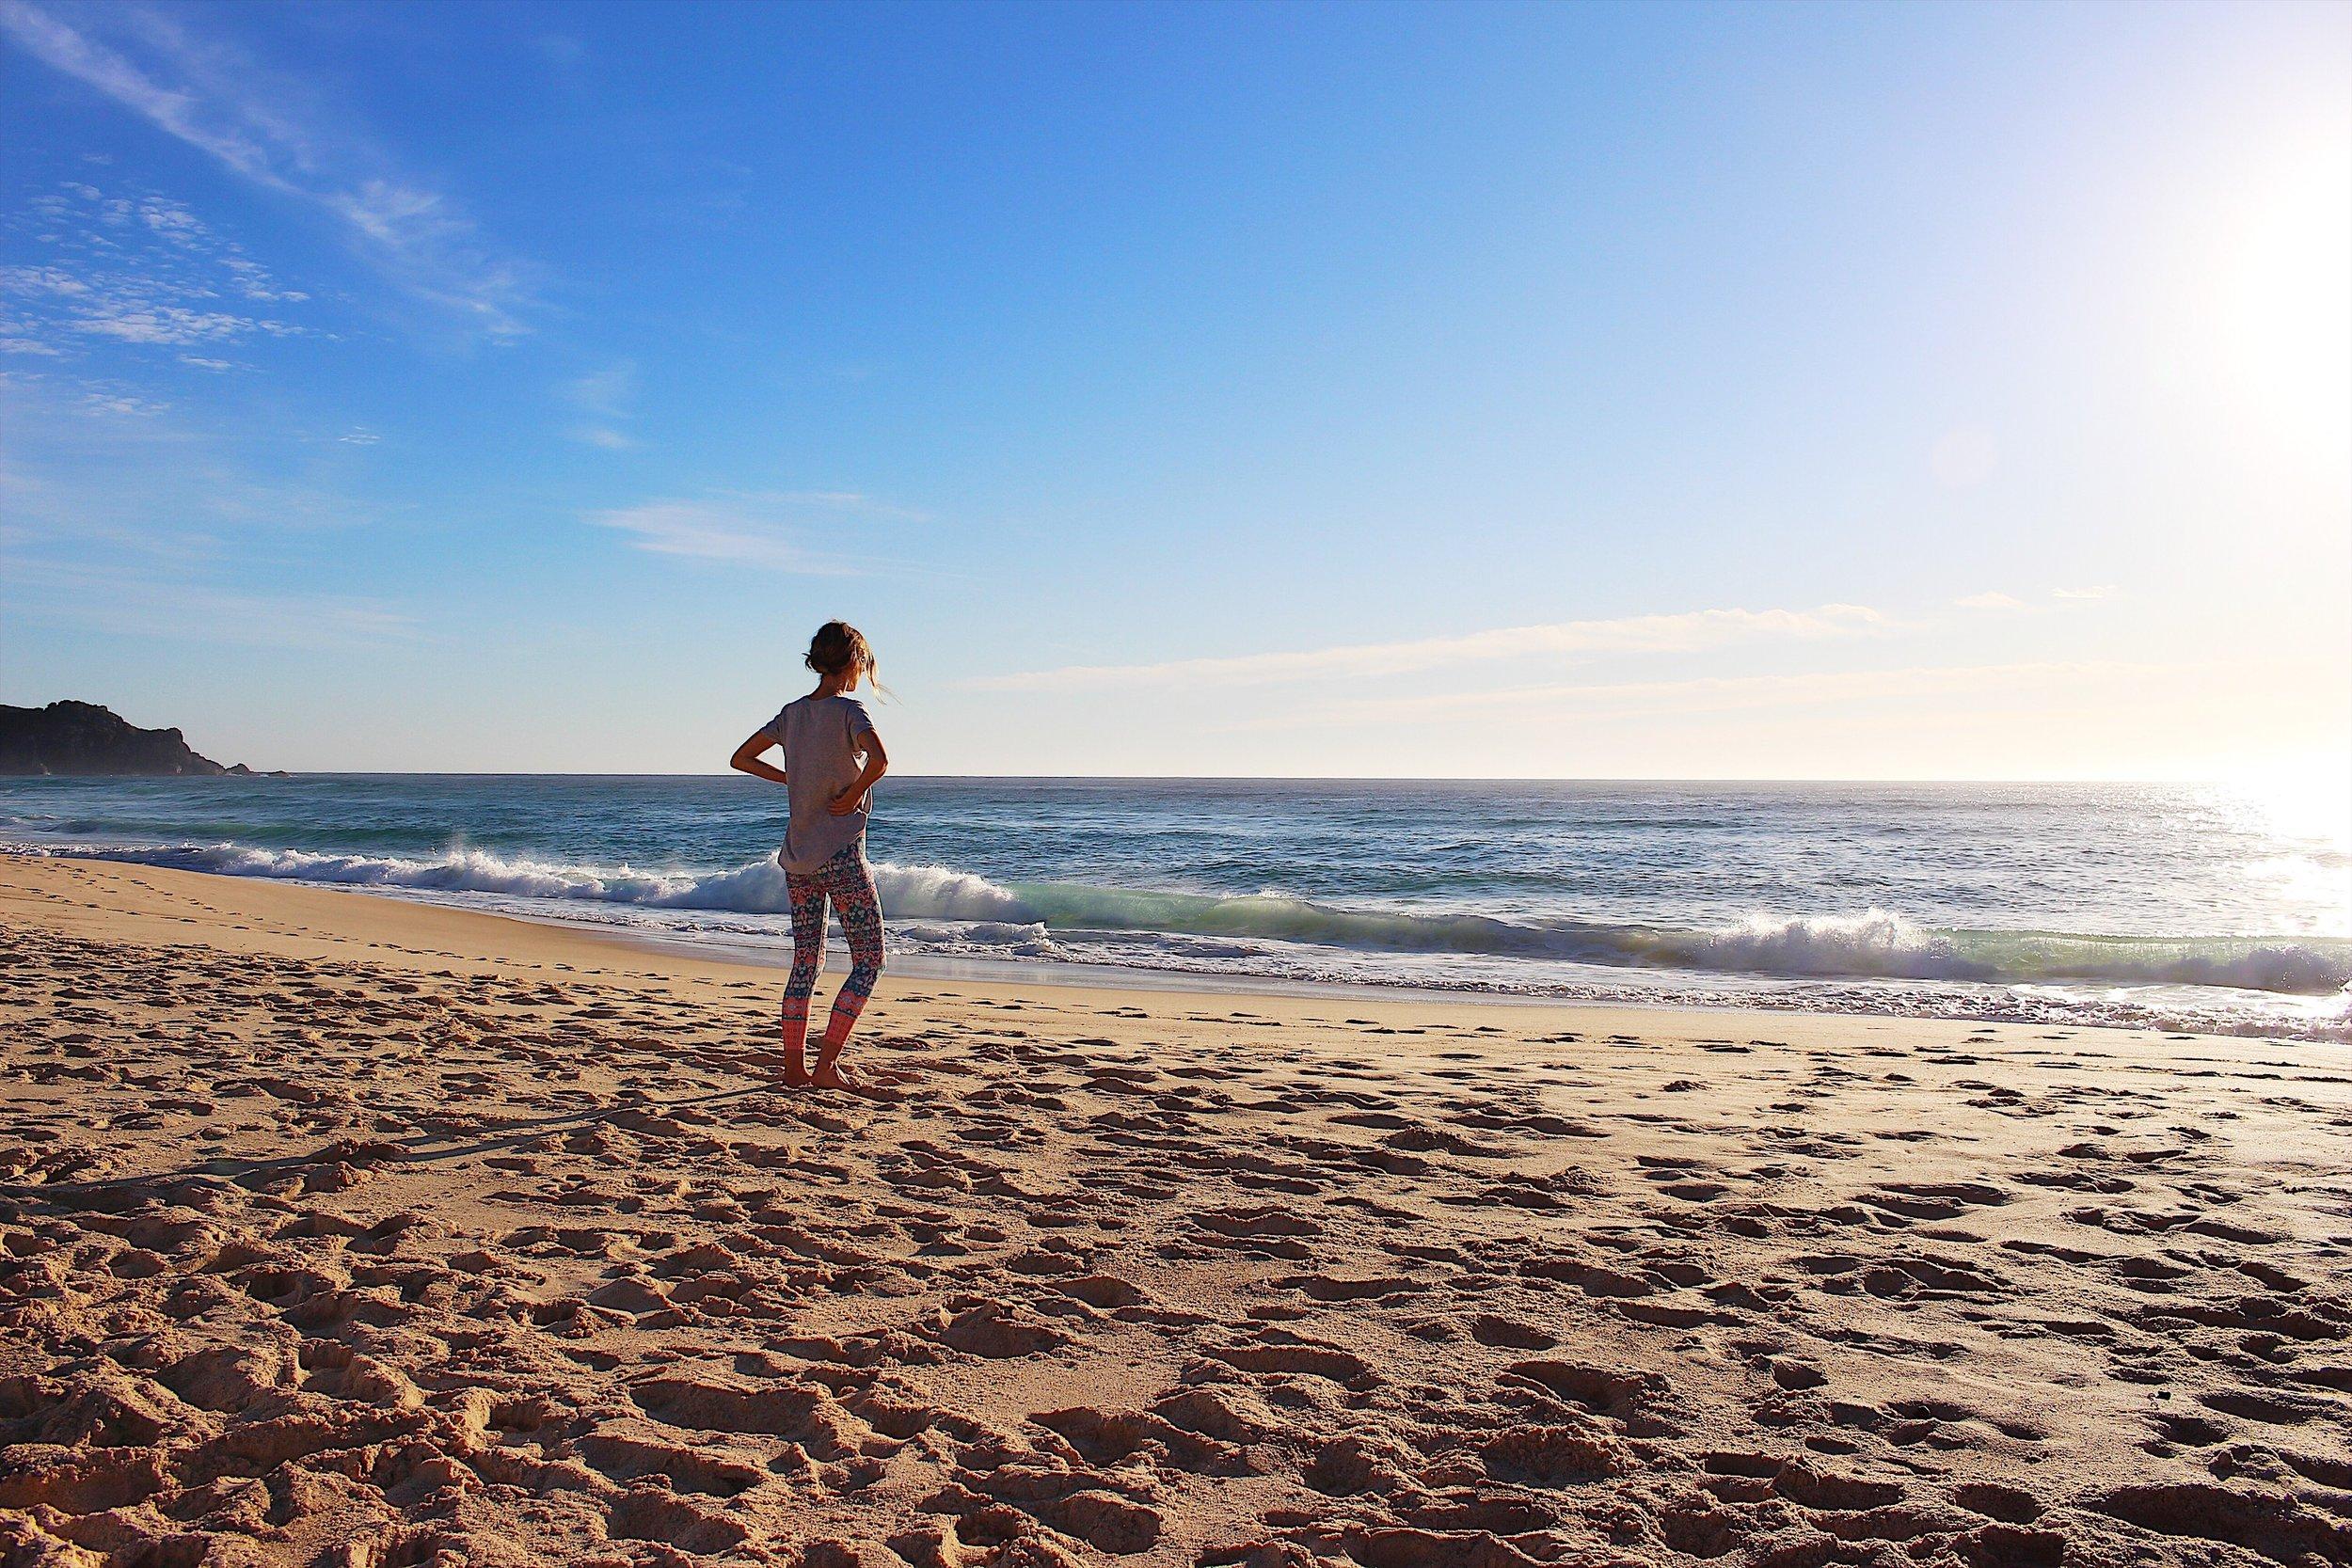 Me on Boomerang Beach, NSW